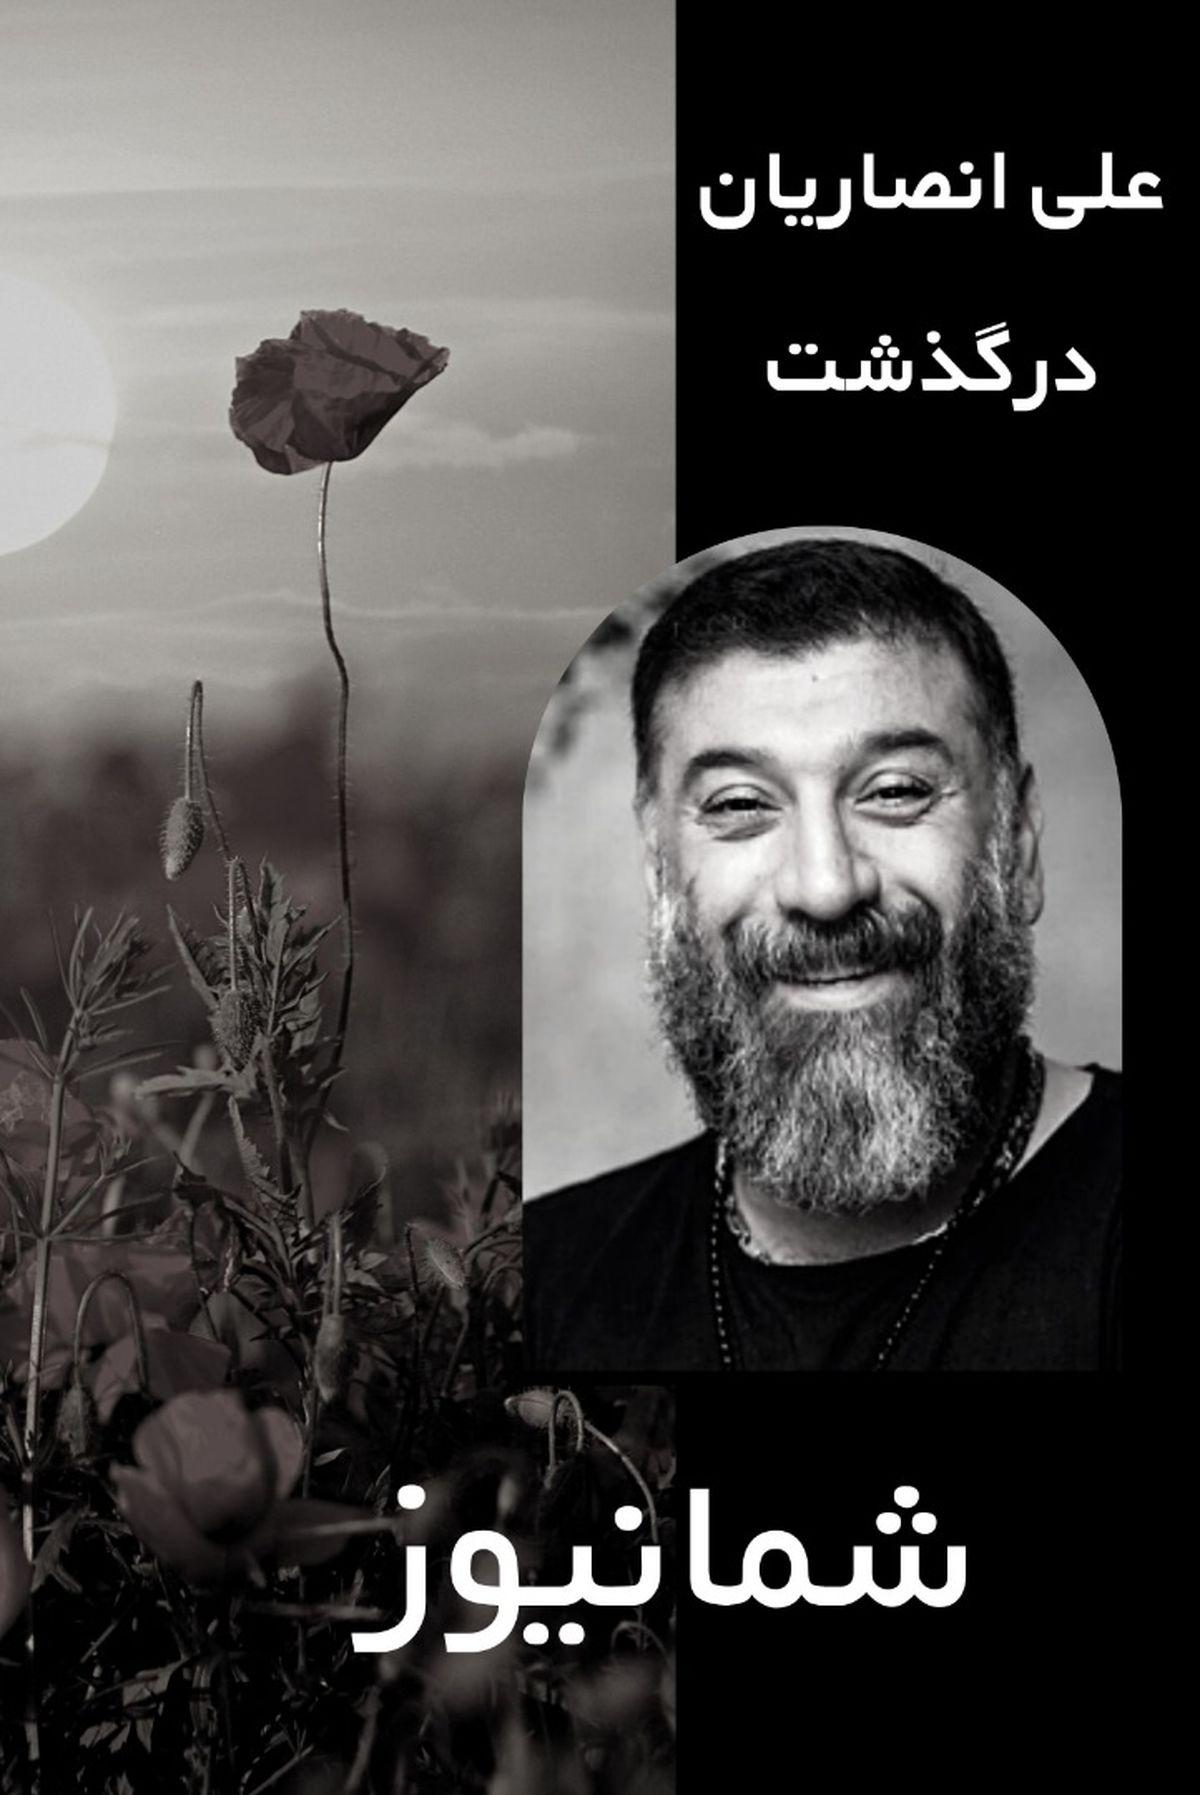 زندگی فوتبالی و هنری علی انصاریان + عکس